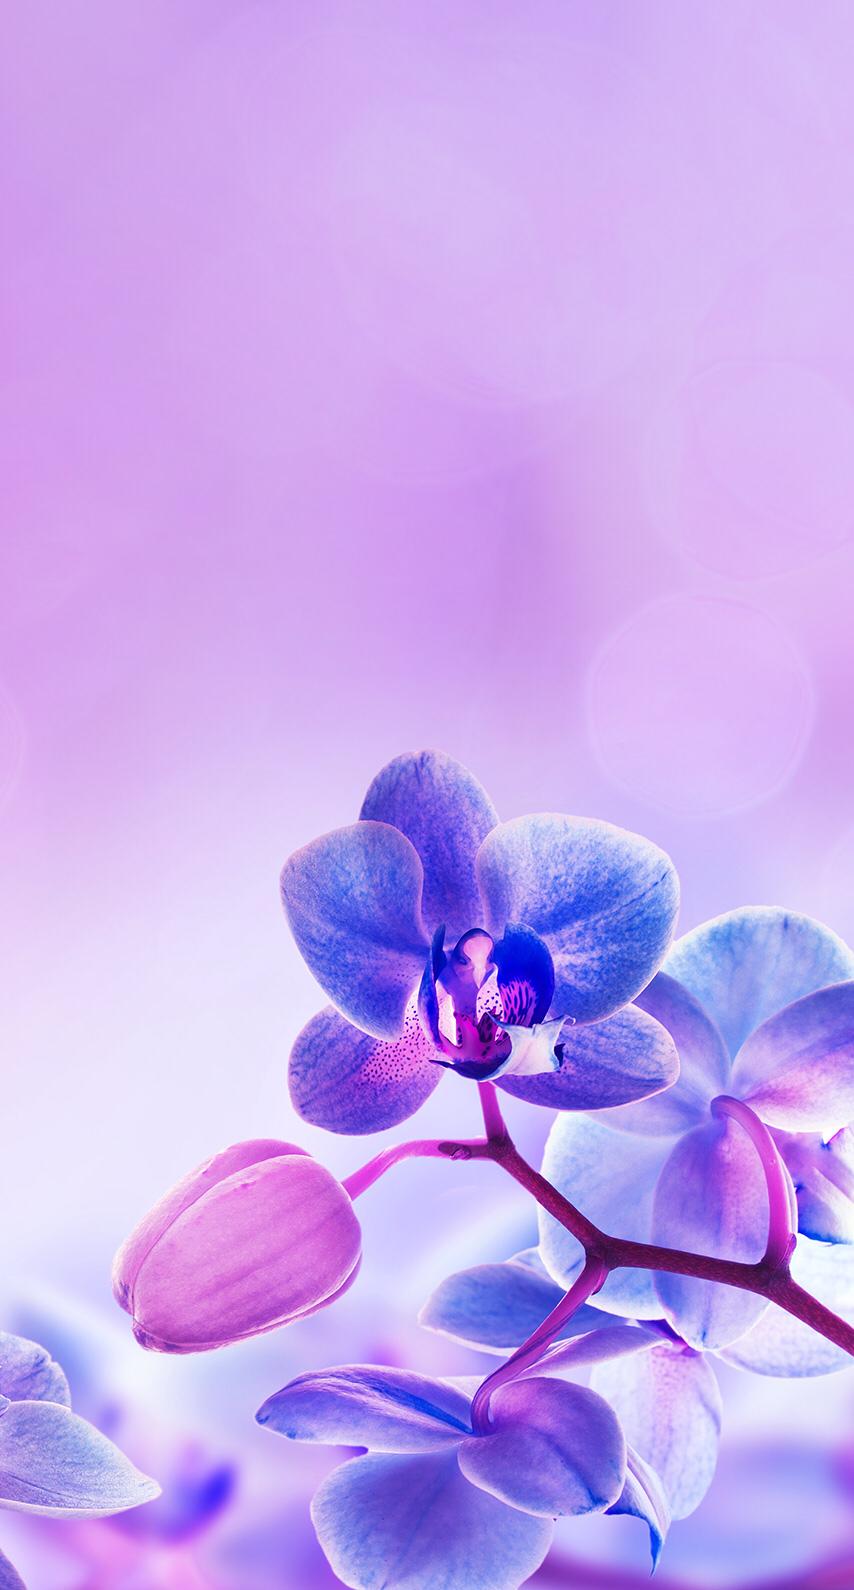 Pin By Brittany Buck On Purple Purple Flowers Wallpaper Orchid Wallpaper Flower Wallpaper